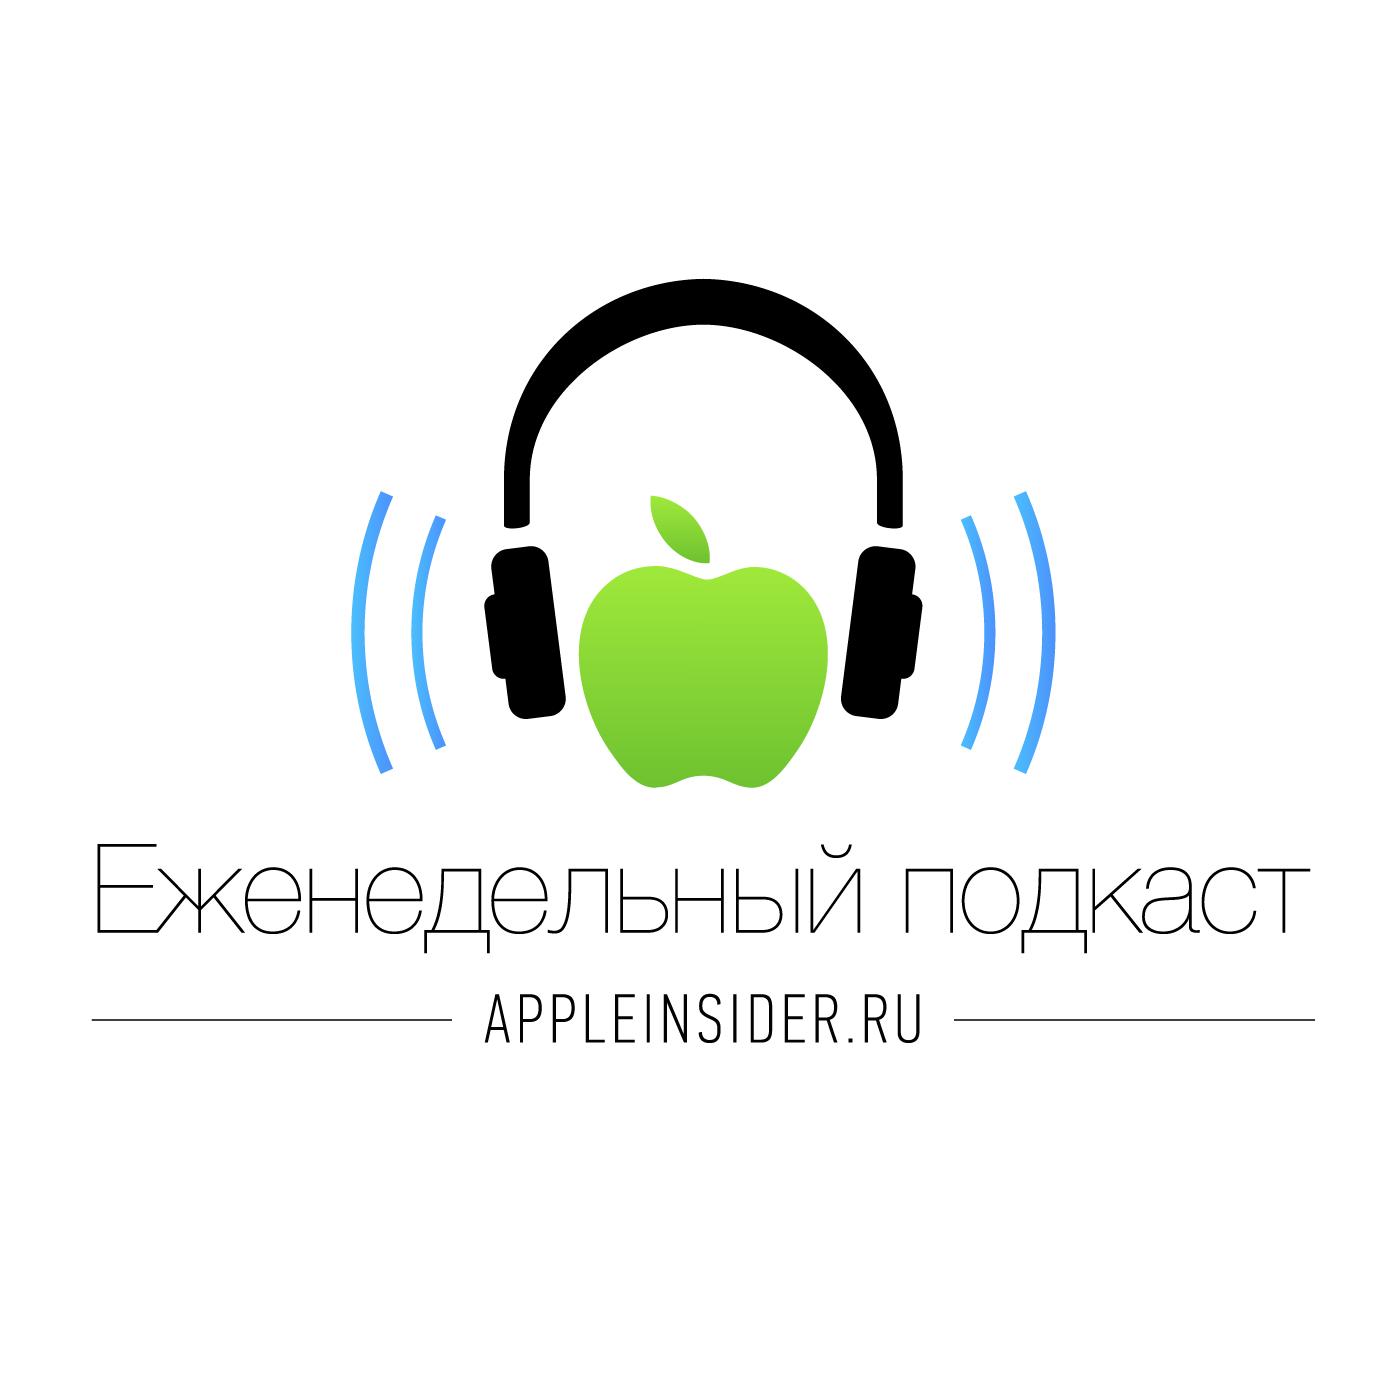 Миша Королев Смотрим презентацию iPhone 7 (Plus) миша королев впечатления от iphone se и ipad pro 2016